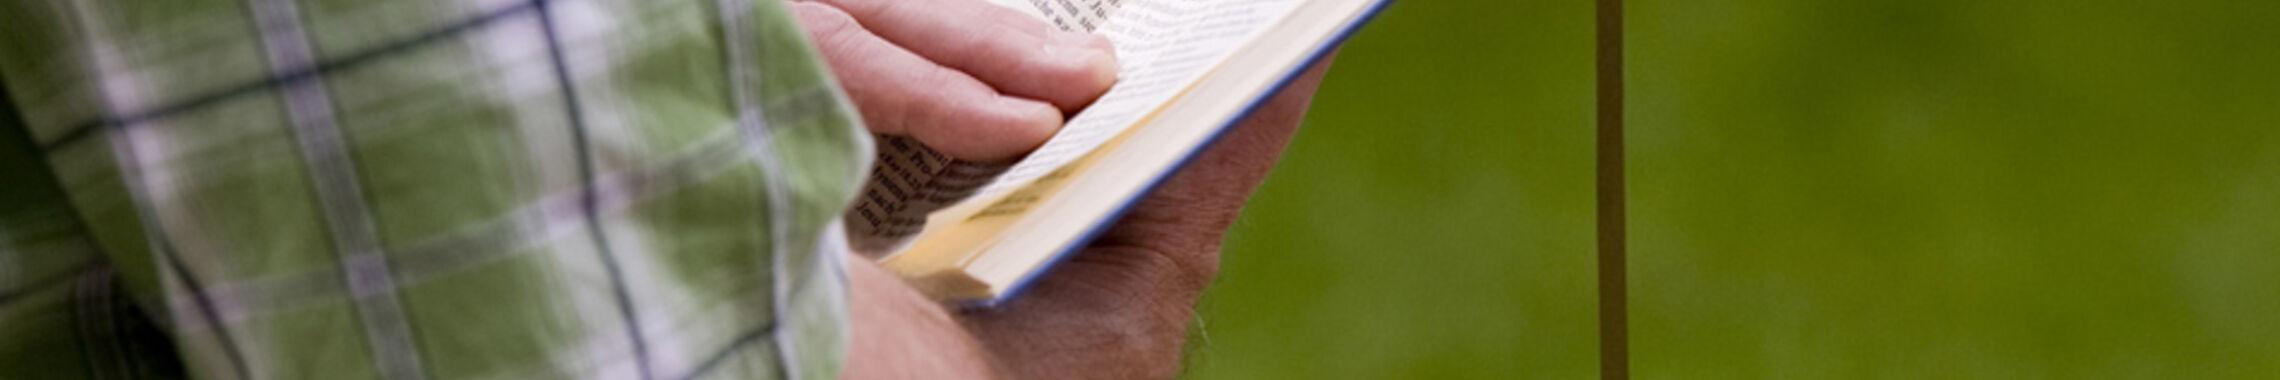 Bibeltext natur1